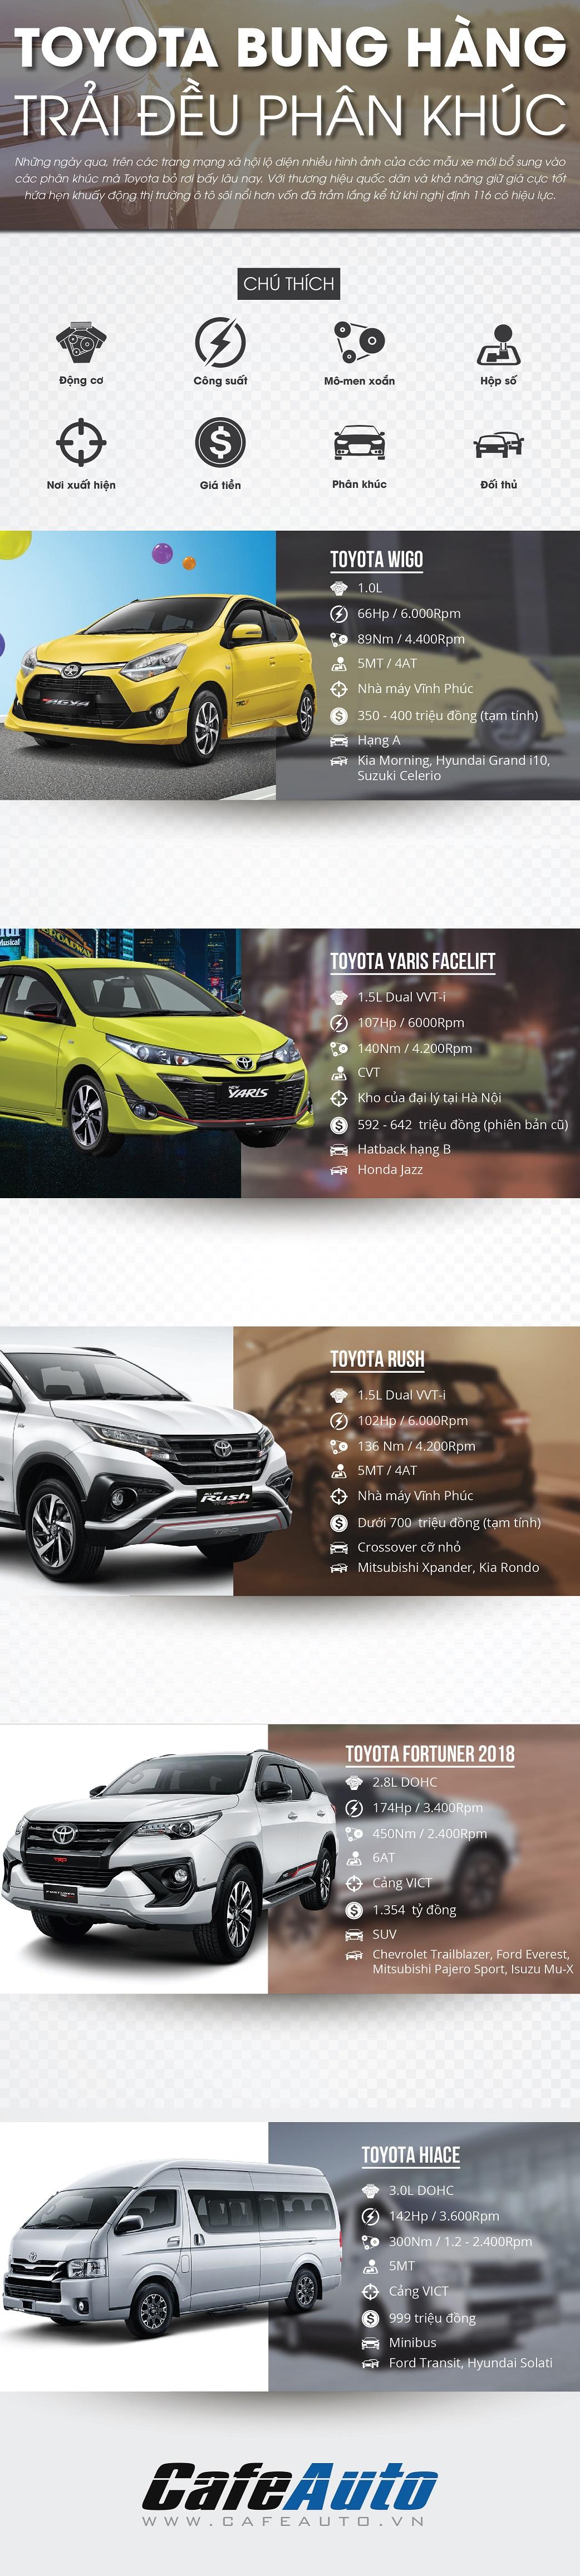 Toyota Việt Nam sắp bung hàng trải đều phân khúc